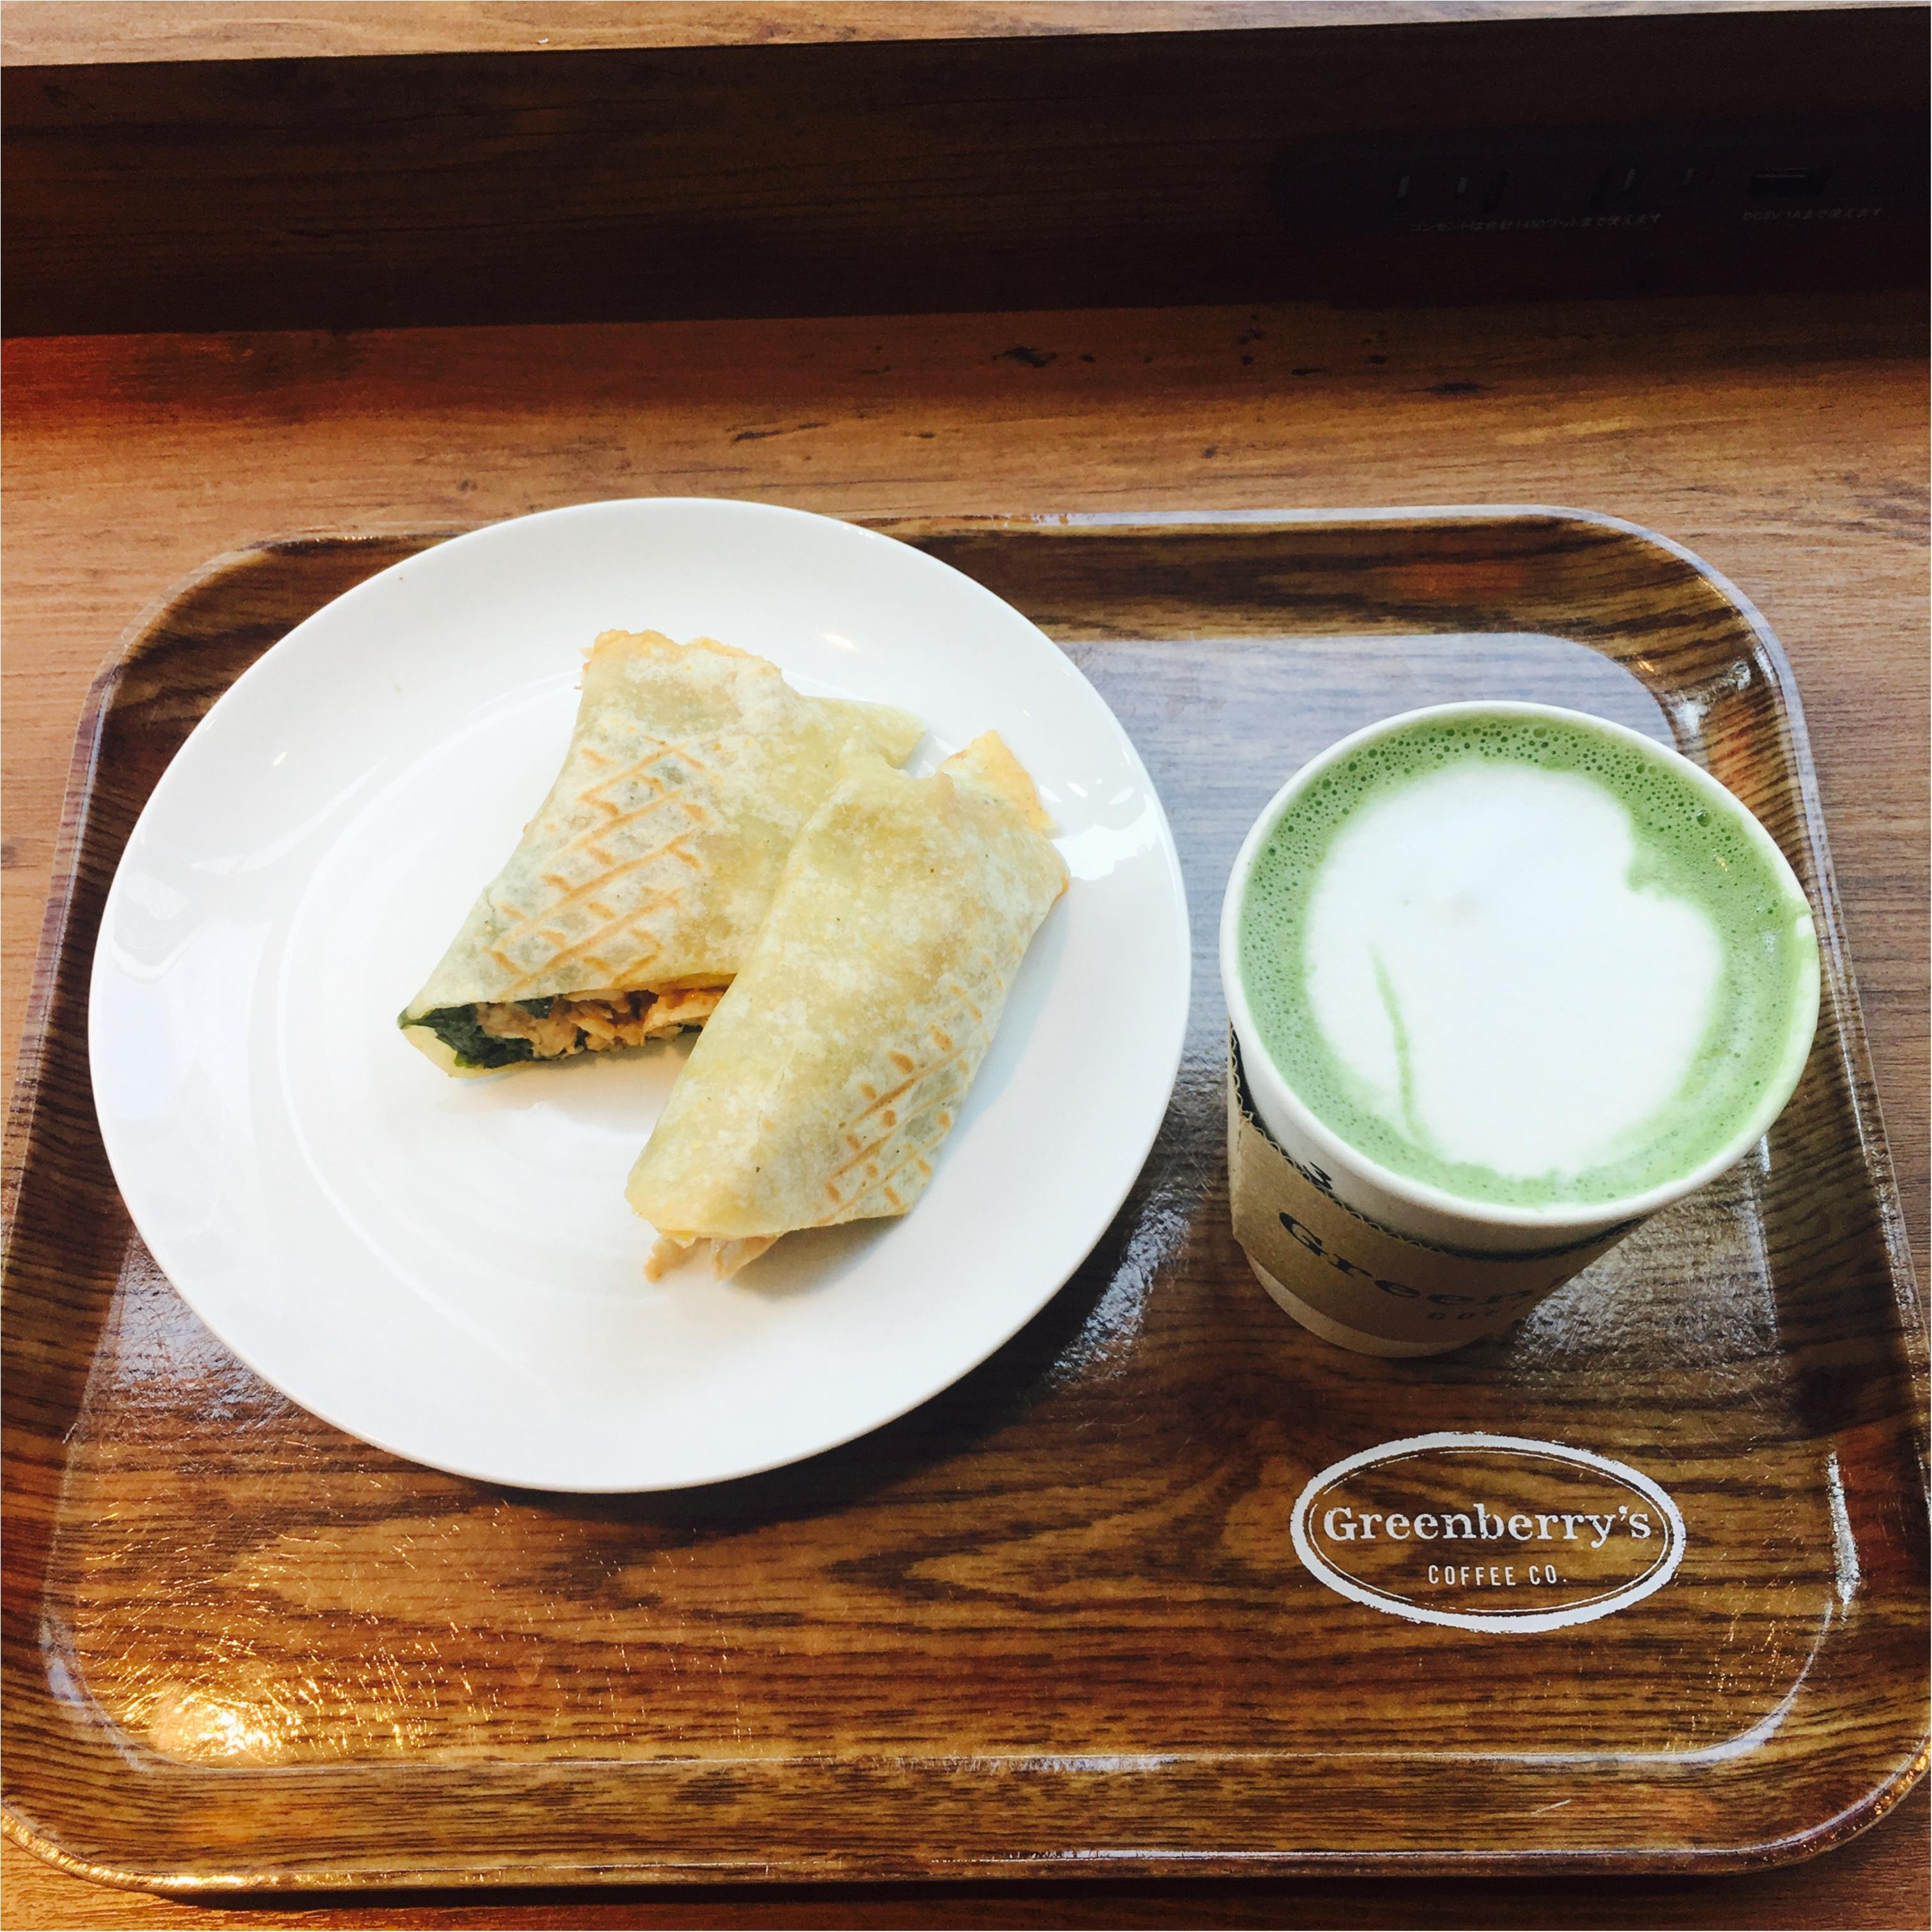 [Greenberry's coffee]日本に4店舗しかないオススメカフェ!マッチャラテが美味しすぎる!_2